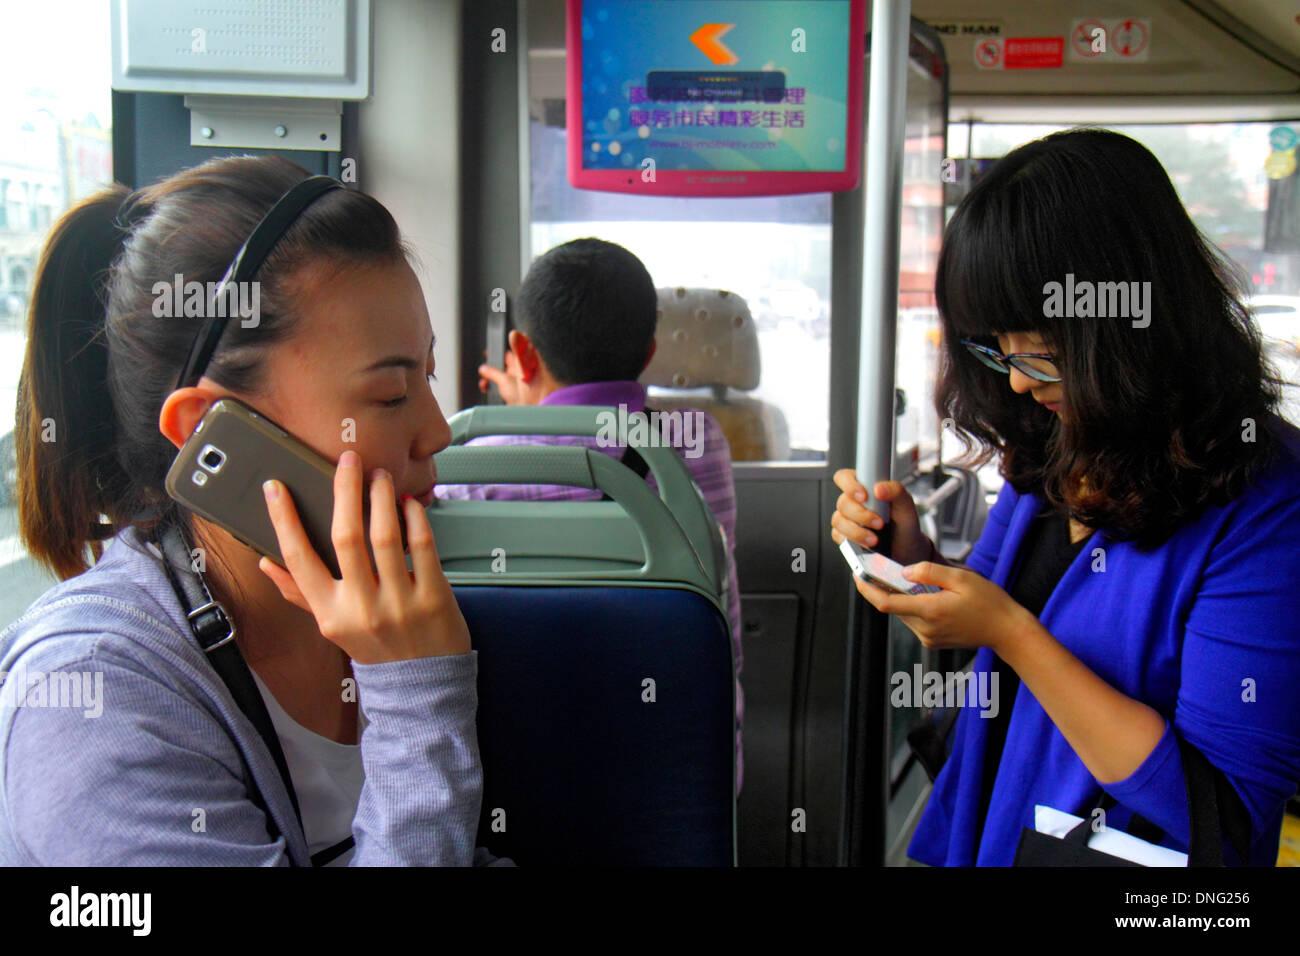 Asian Tourist Bus Stock Photos & Asian Tourist Bus Stock Images - Alamy